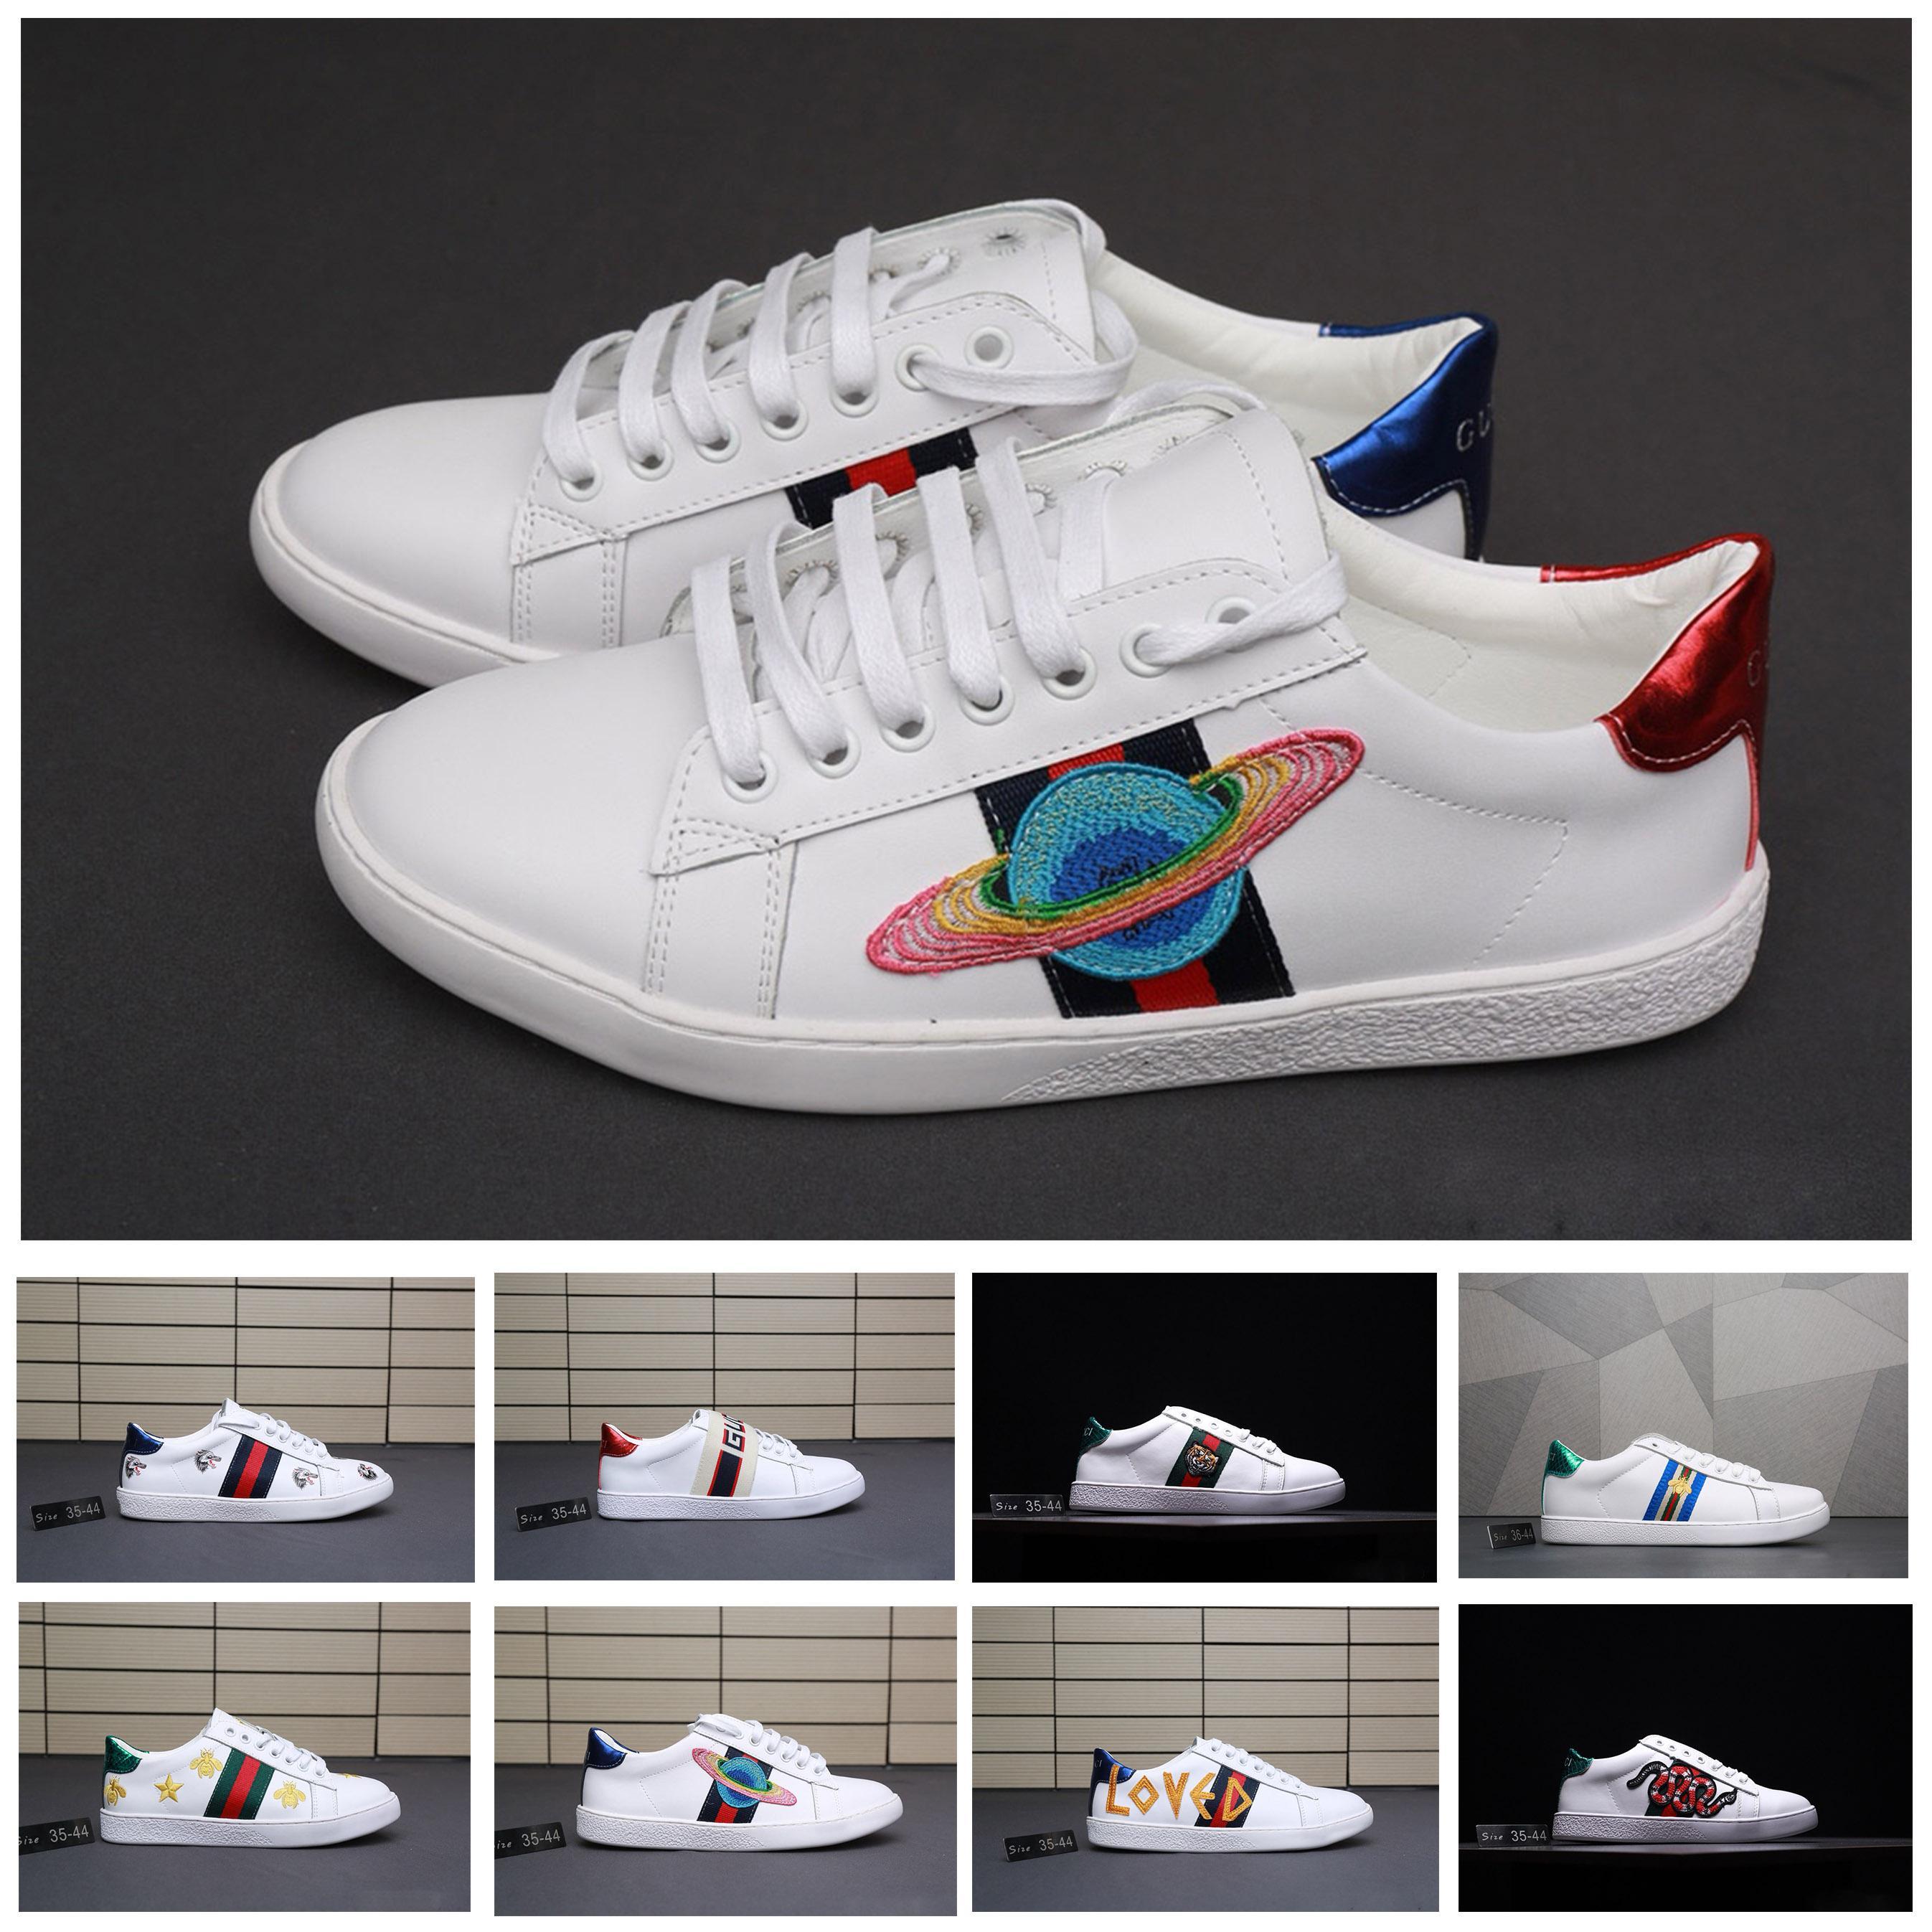 52455dab6cc Acquista Gucci Men Shoes Gucci Sneakers Le Sneakers Mens Gucci Mens Gucc  Ricamate Scarpe Da Corsa